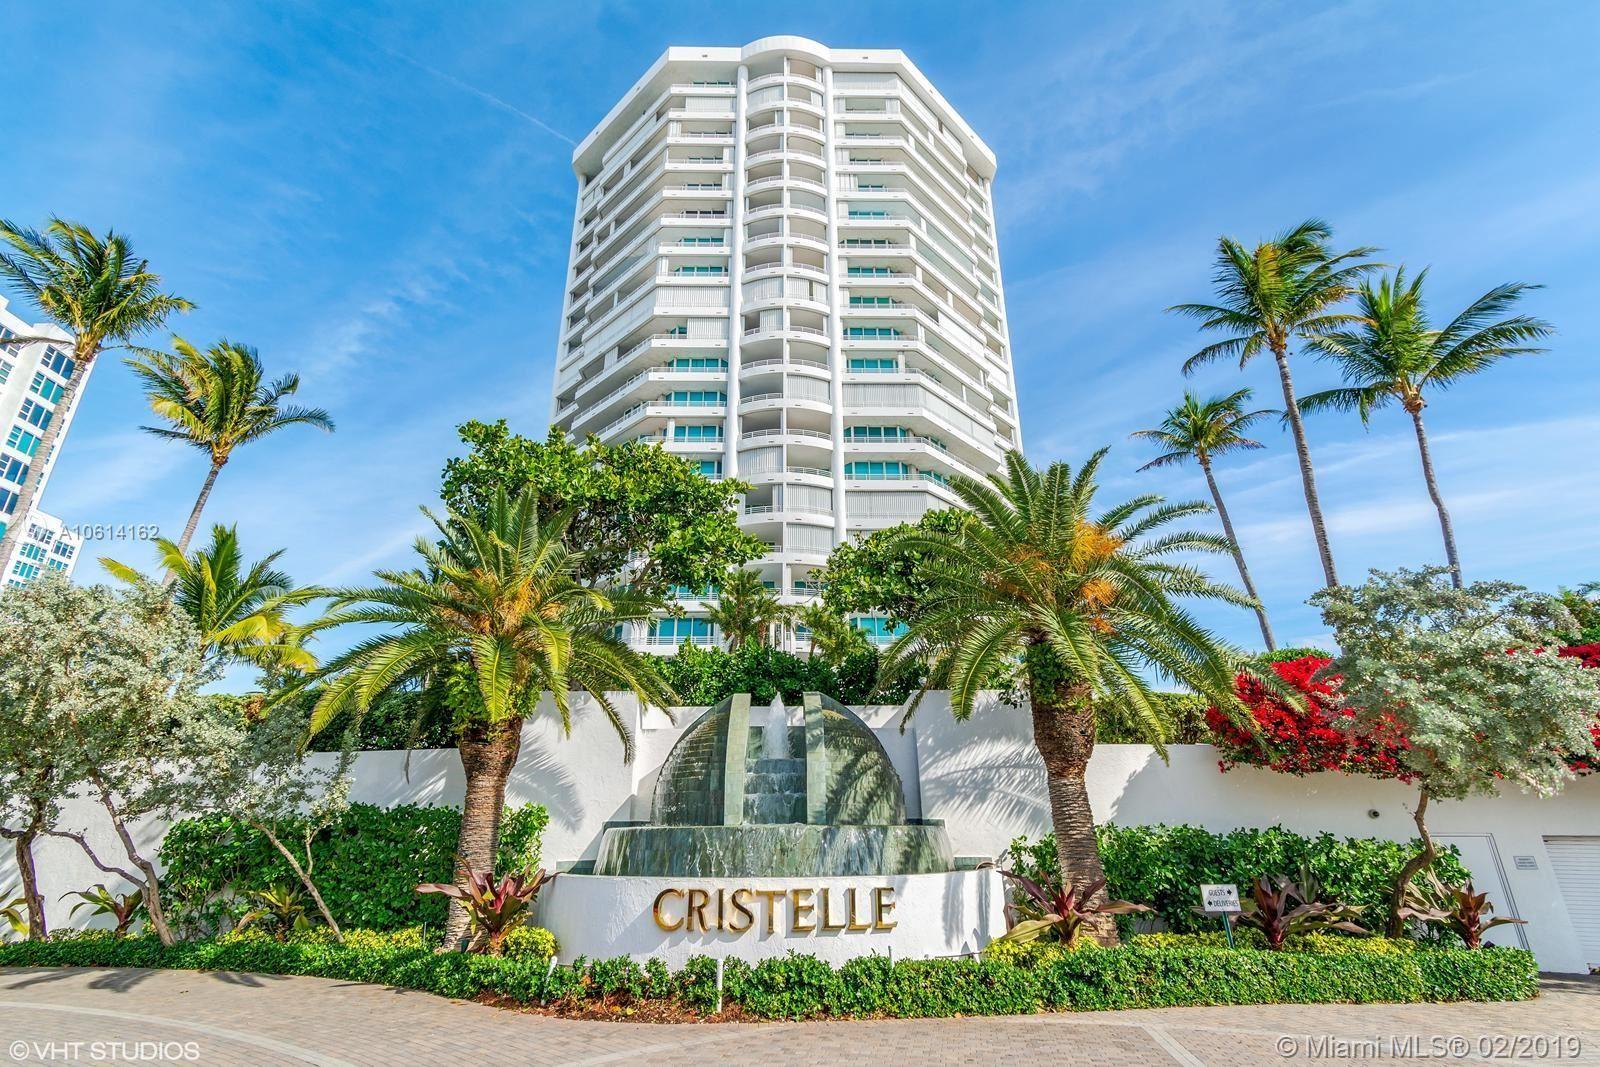 1700 S Ocean Blvd #18A, Lauderdale by the Sea, FL 33062 - #: A10614162